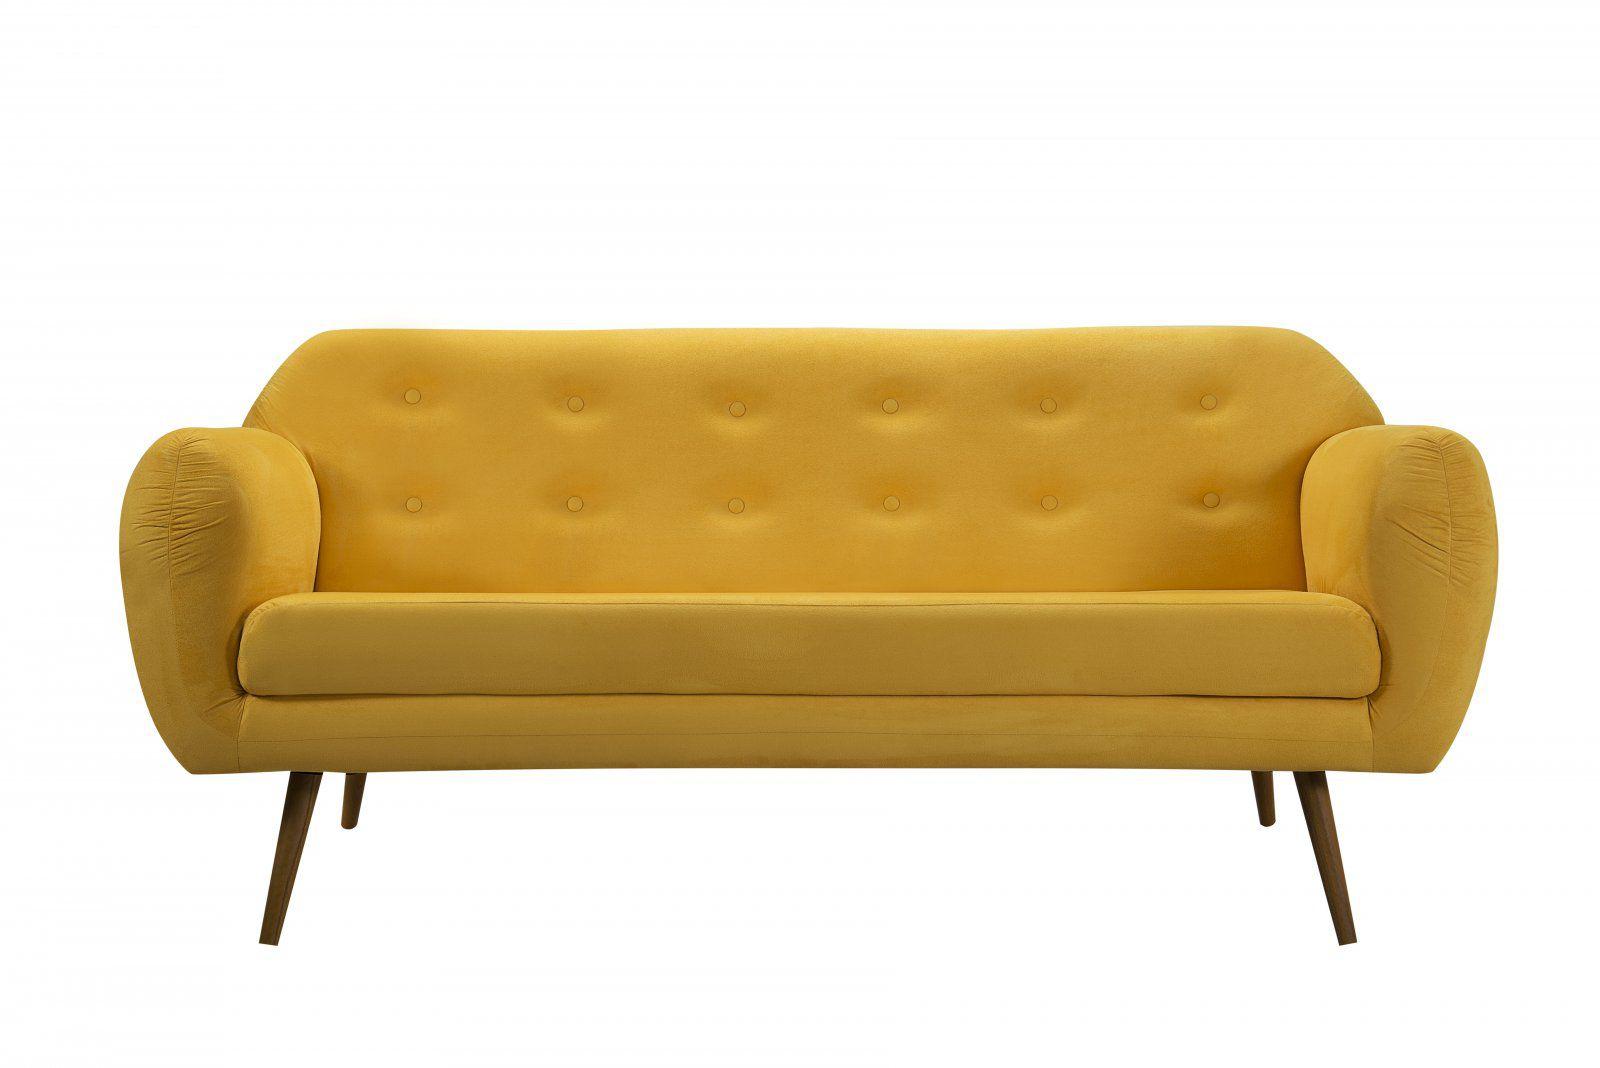 Sofá Beatle Color Trends 3 Lugares Suede Amarelo DAF